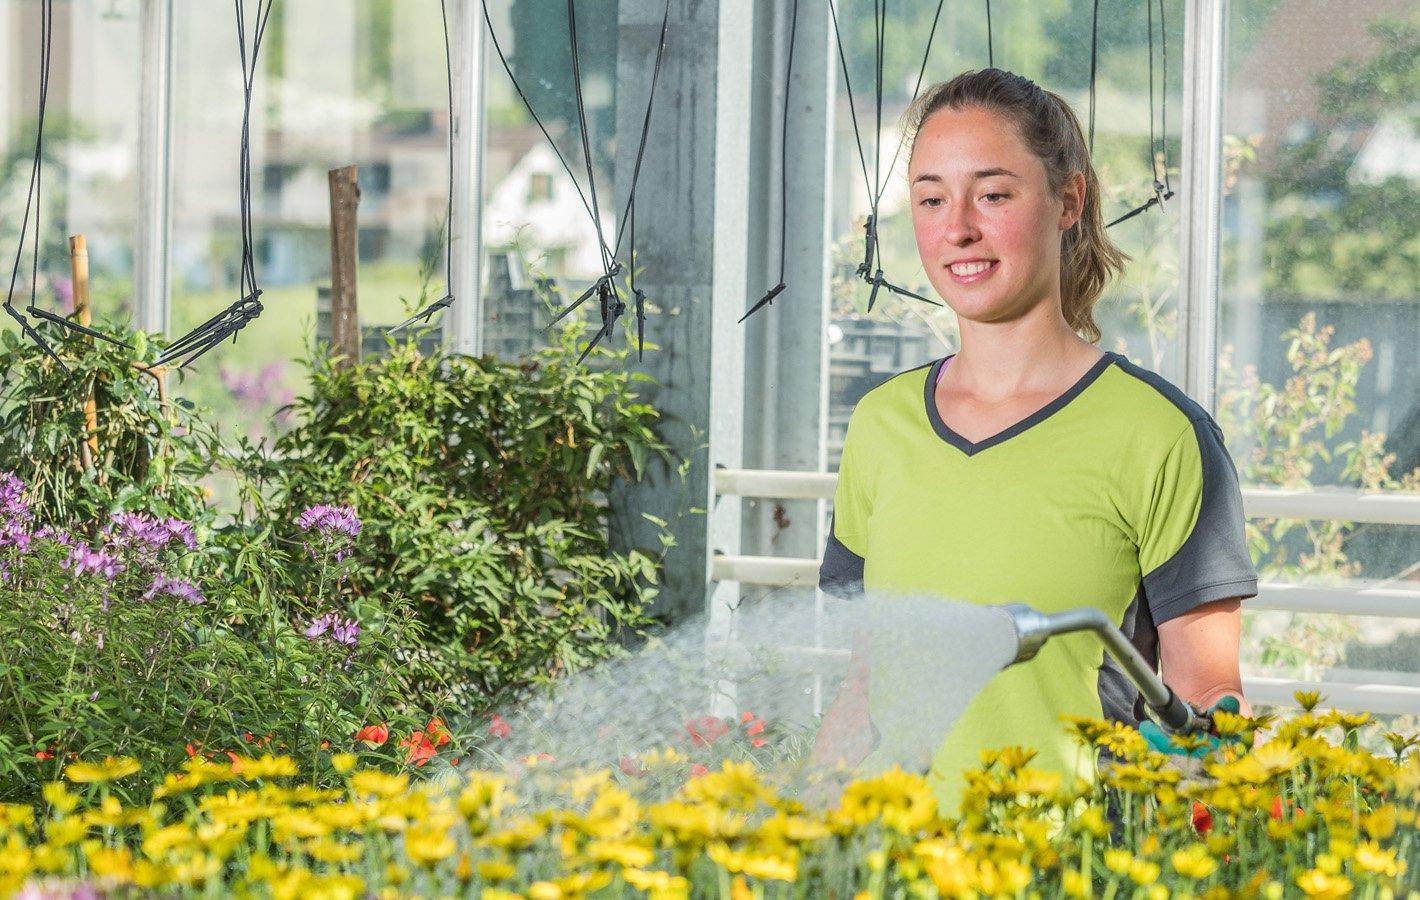 Berufswerbung Zierpflanzen1